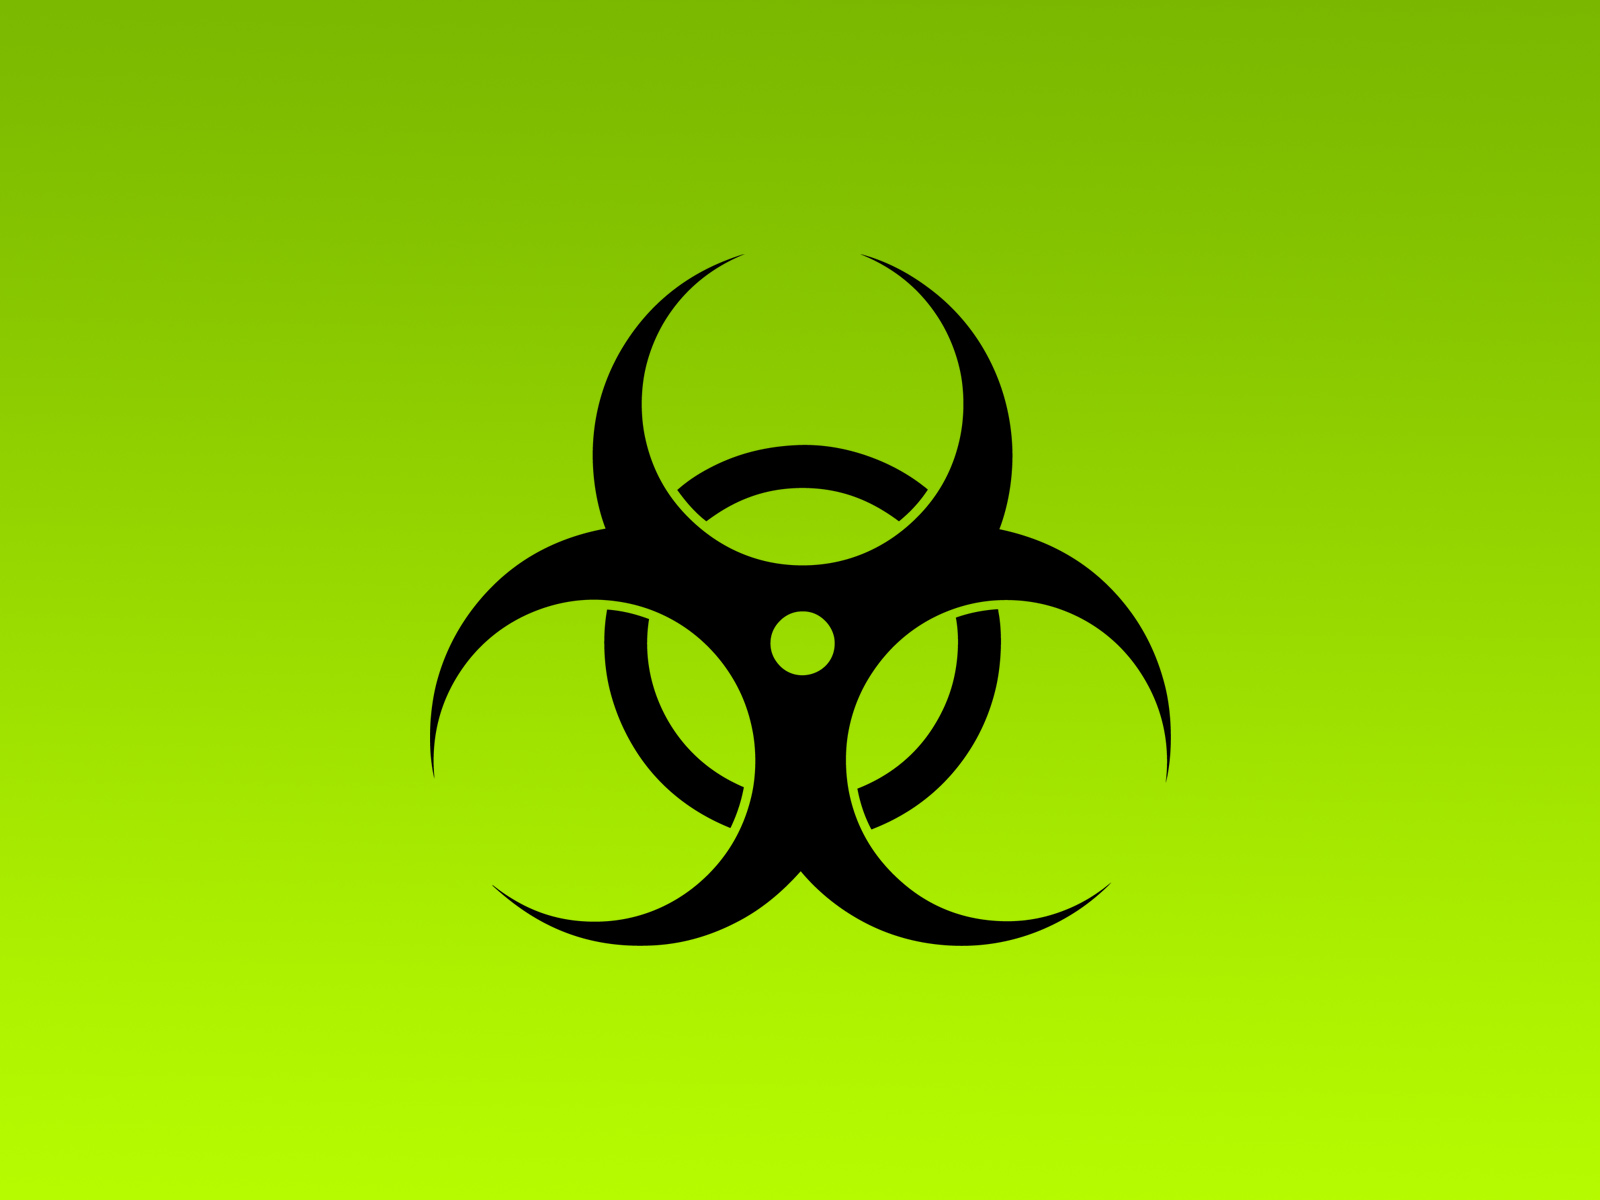 radiation symbol wallpaper wallpapersafari